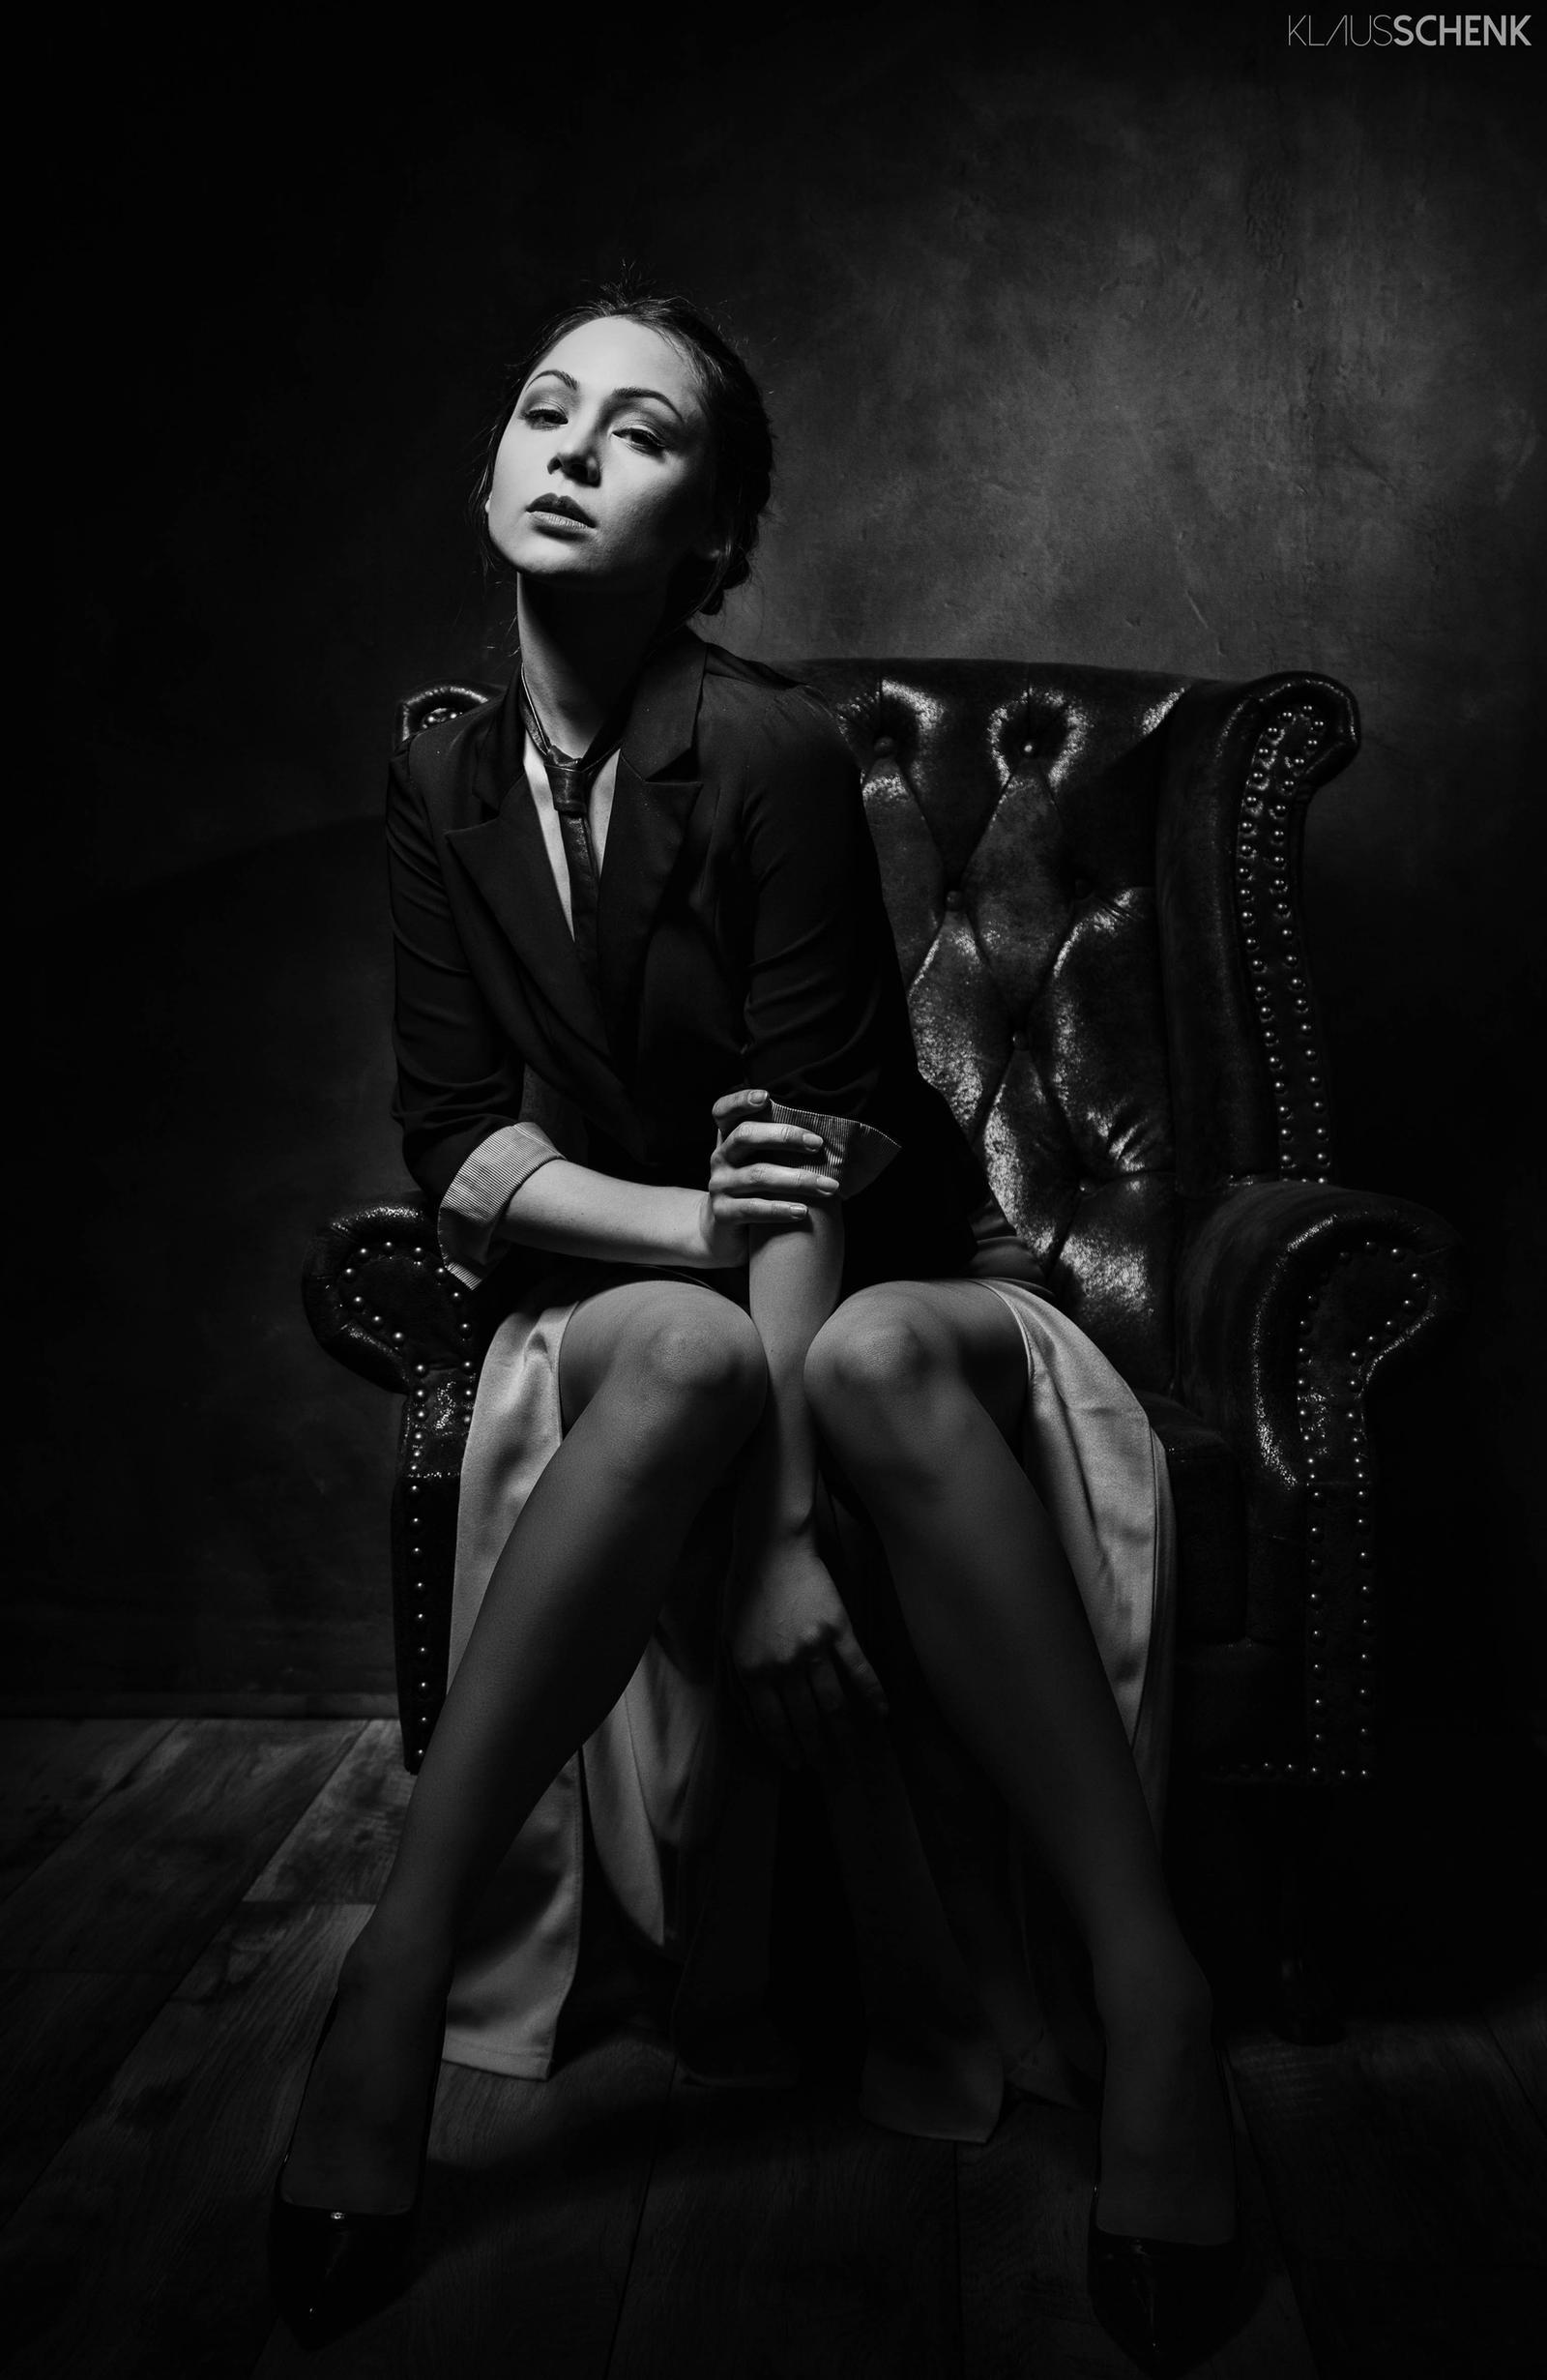 Film Noir by kschenk